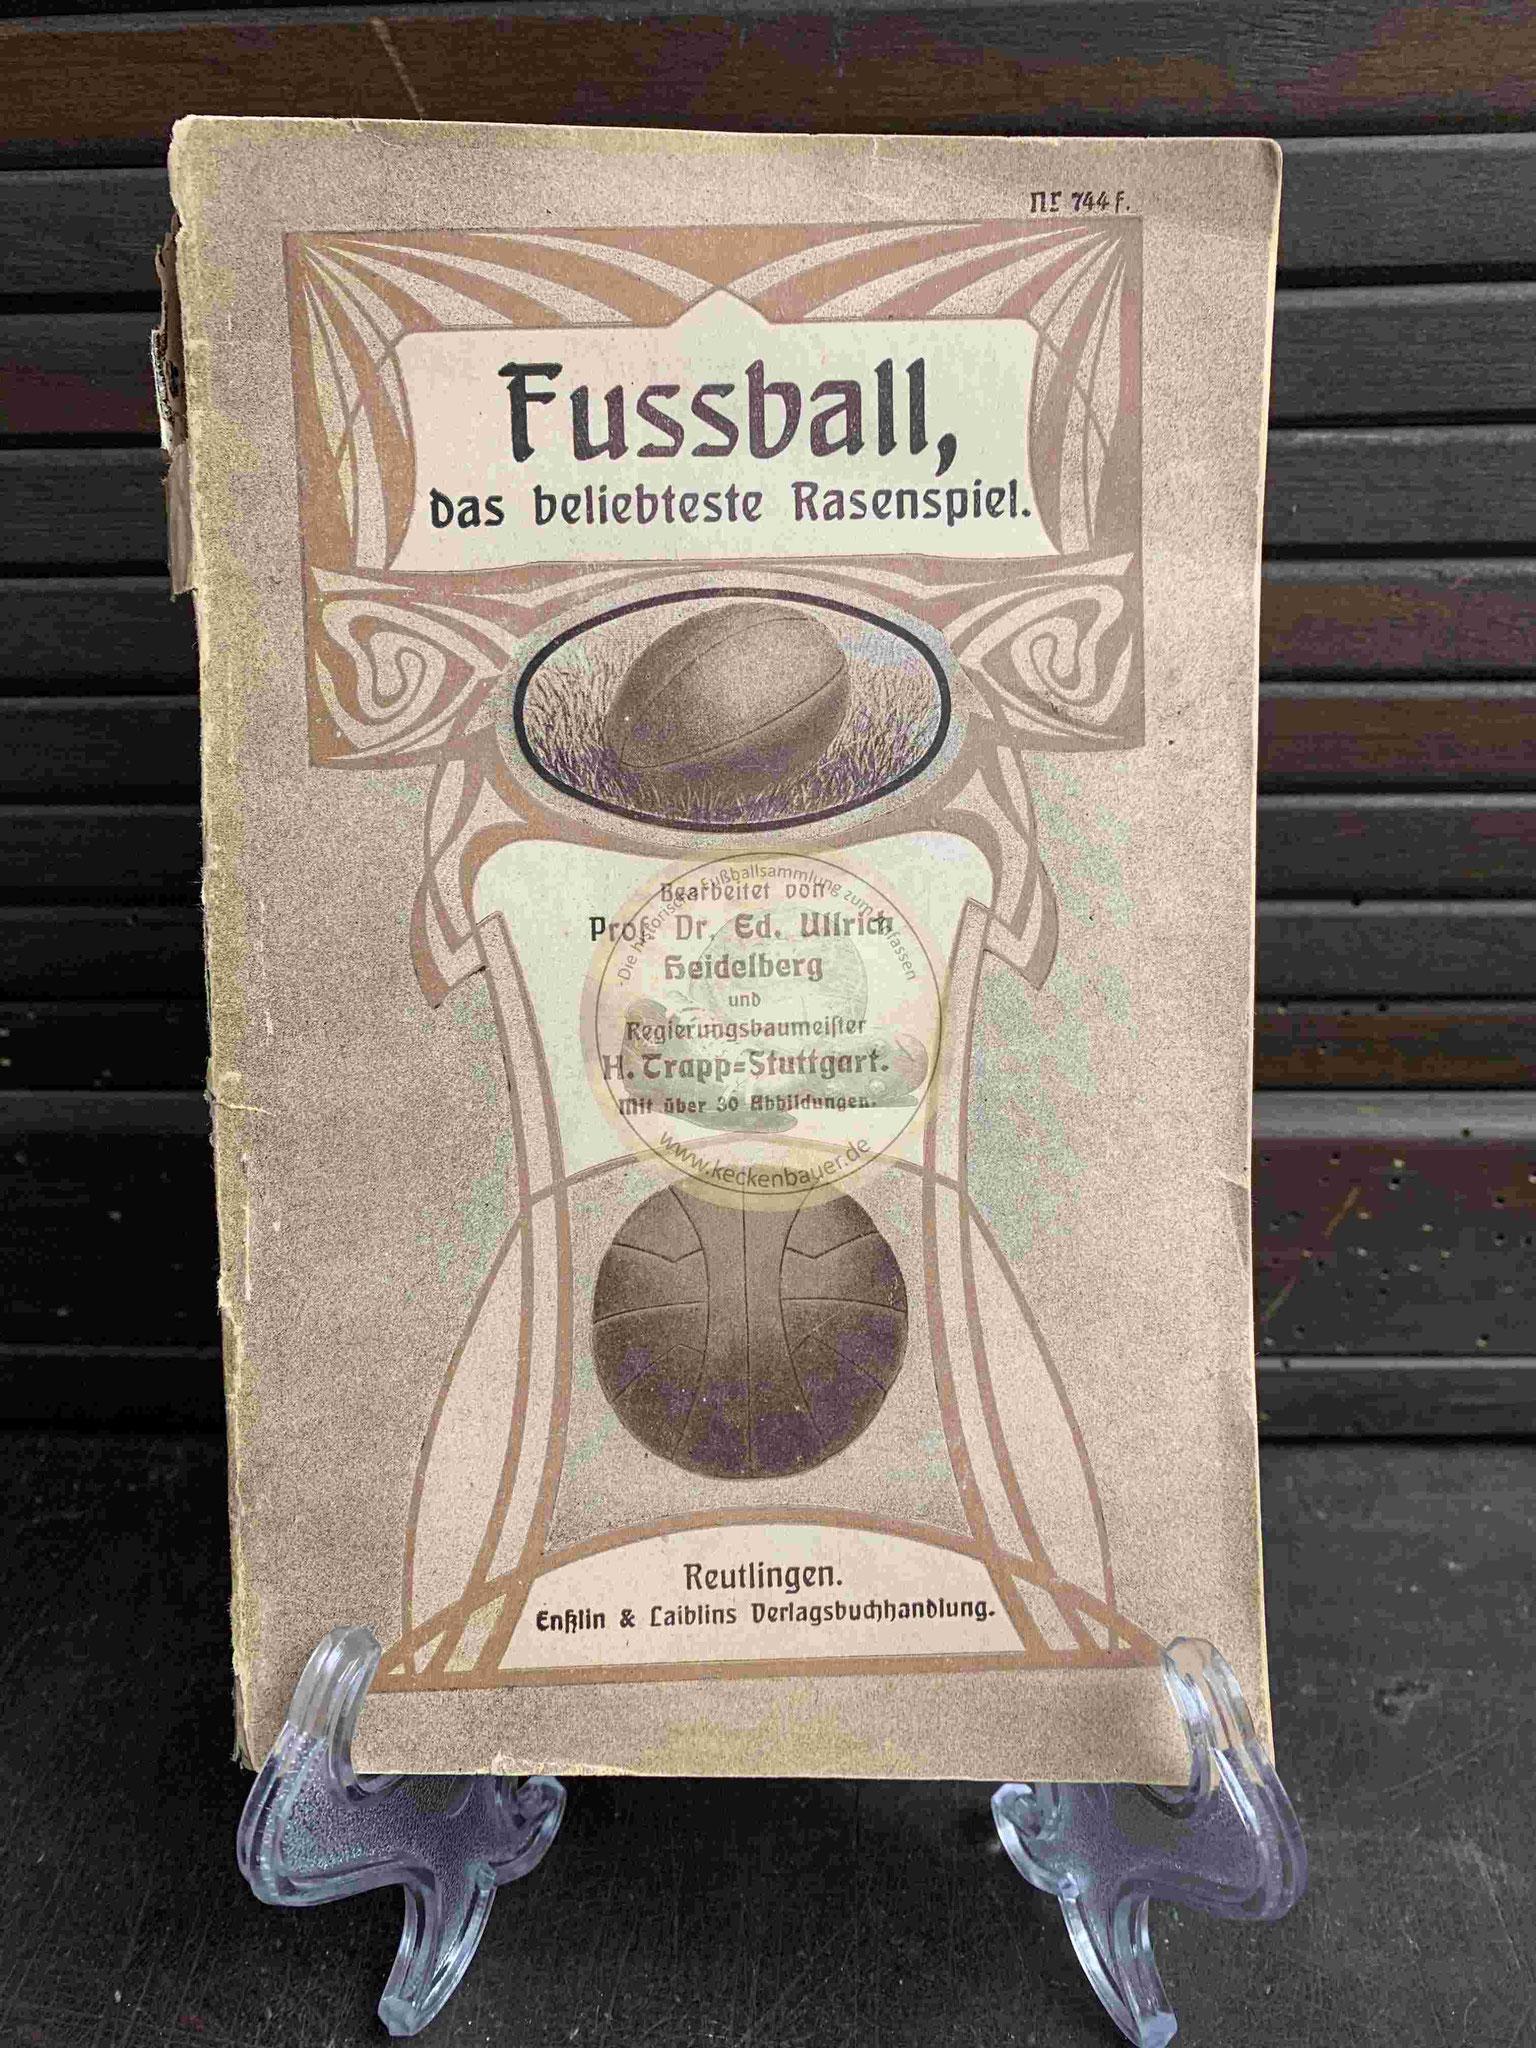 Fussball, das beliebte Rasenspiel von Prof Dr. Ed. Ulrich Heidelberg und Regierungsbeamter H. Trapp Stuttgart aus dem Jahr 1919